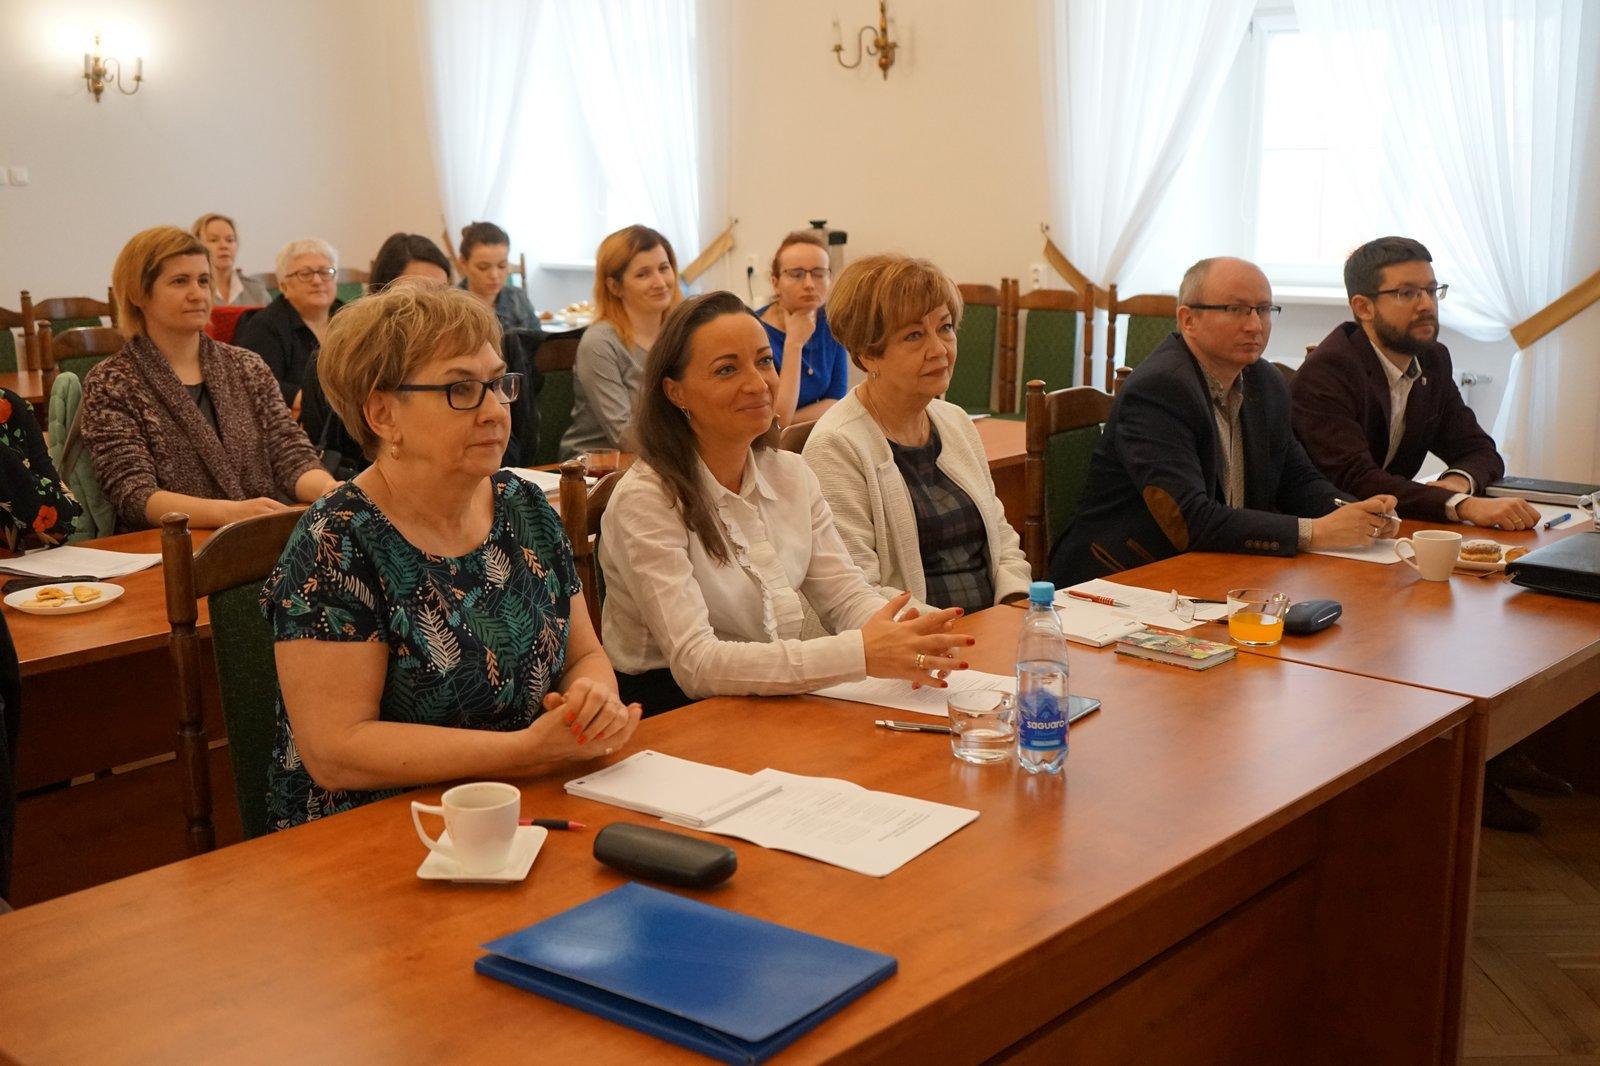 """O pracy i wolontariacie Seniorów. Kolejne spotkanie ws. certyfikatu WHO oraz w celu opracowania """"Polityki Senioralnej w Aglomeracji Kalisko-Ostrowskiej"""""""